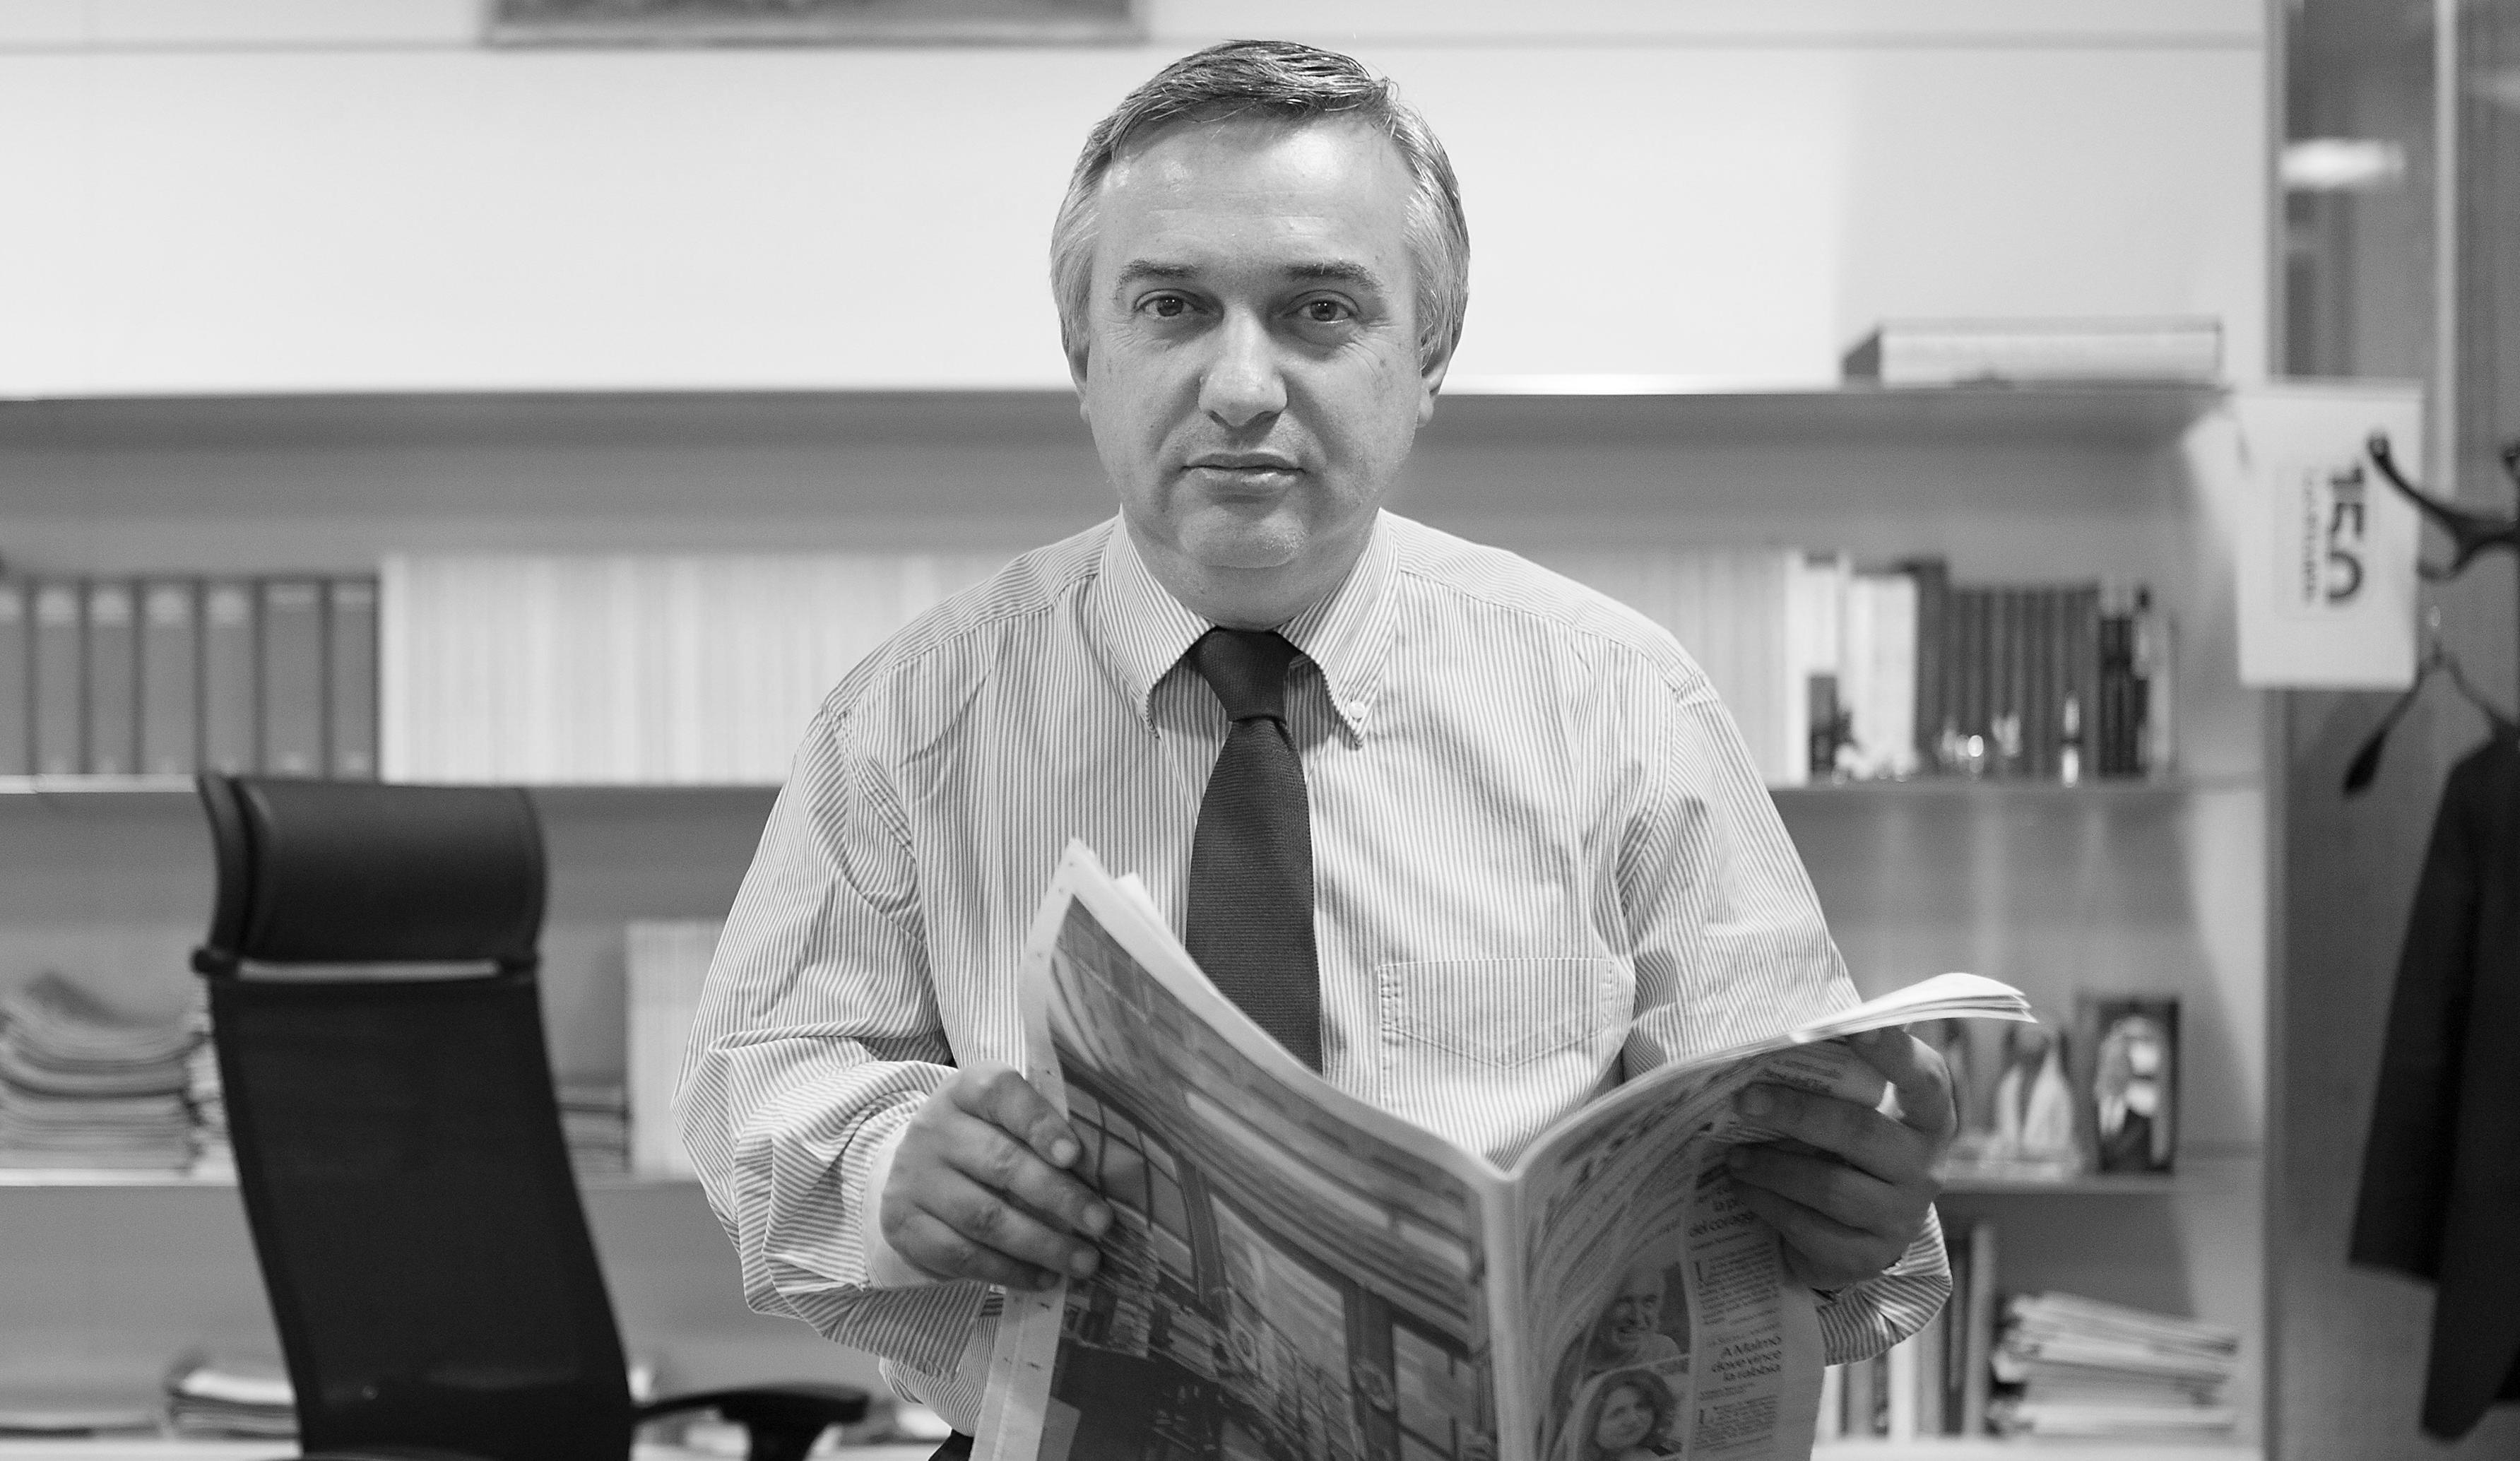 Maurizio Molinari, directeur de la rédaction de La Stampa.